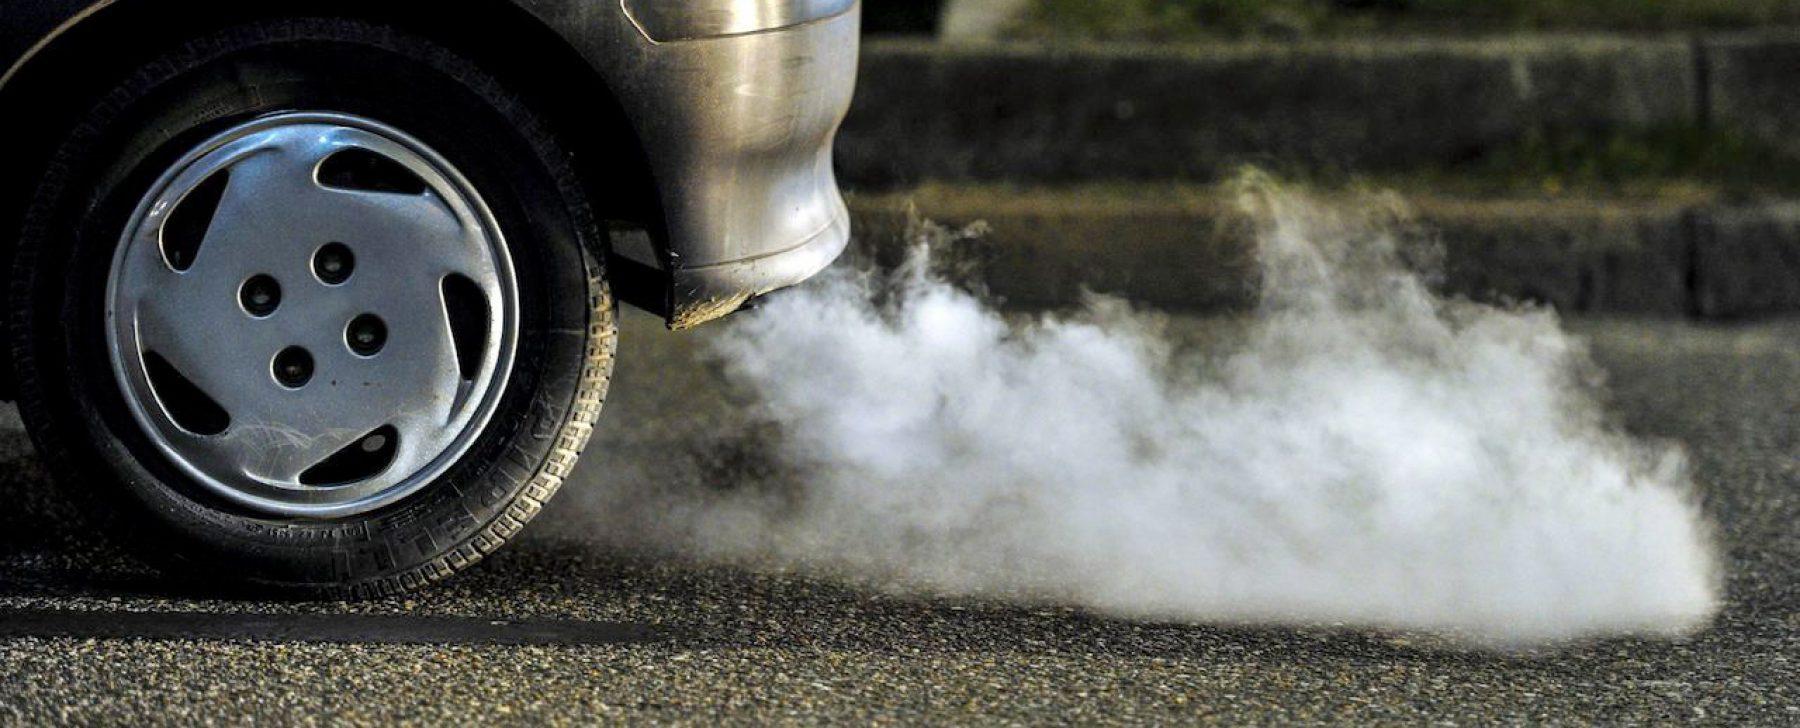 Diesel contaminacion